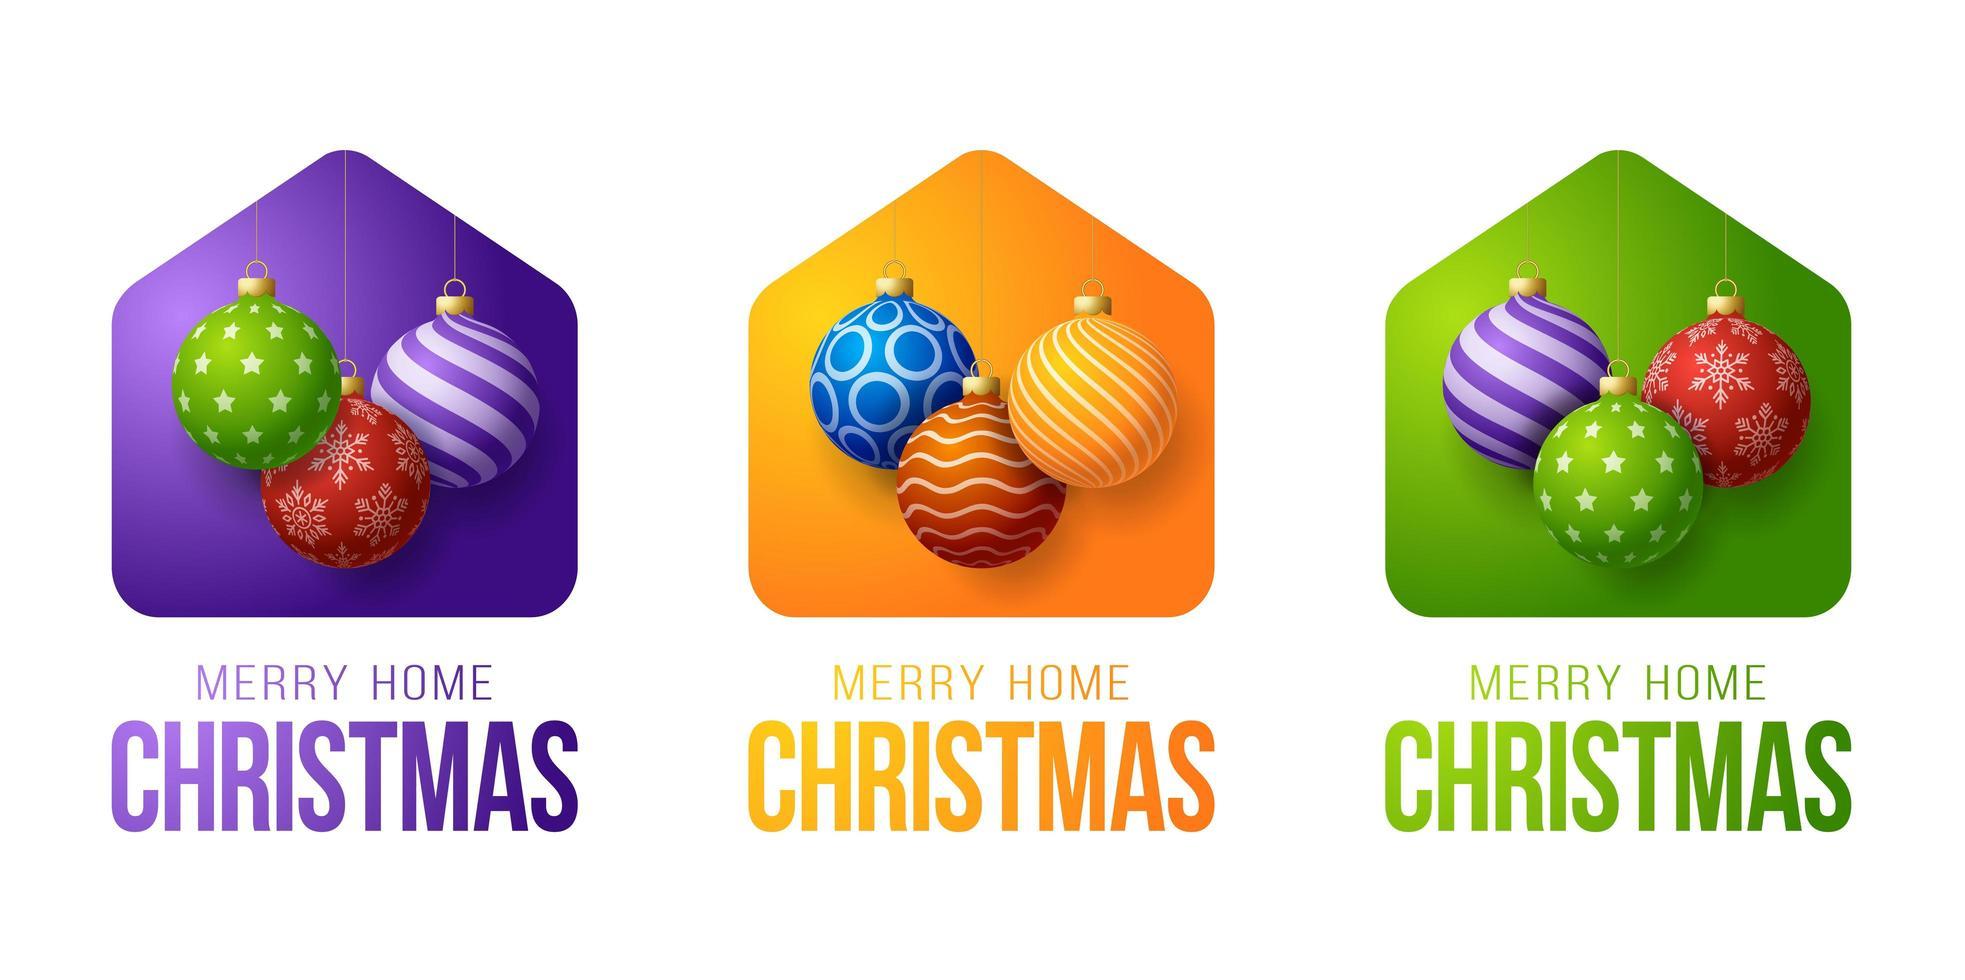 coloridas tarjetas navideñas de feliz hogar con adornos de bolas ornamentales vector